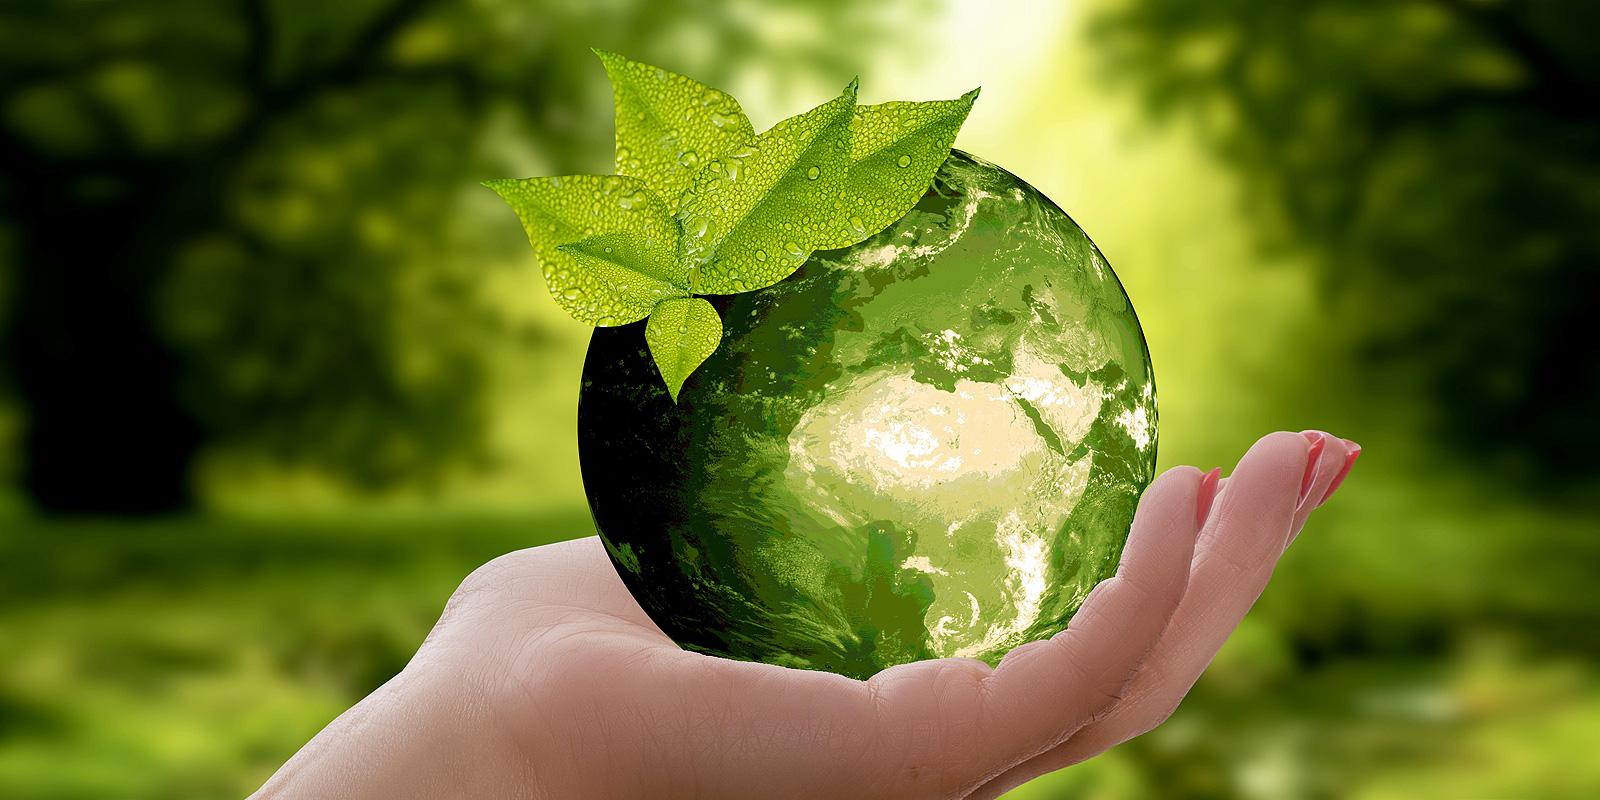 La gatta diva green ecosostenibile abbigliamento e benessere